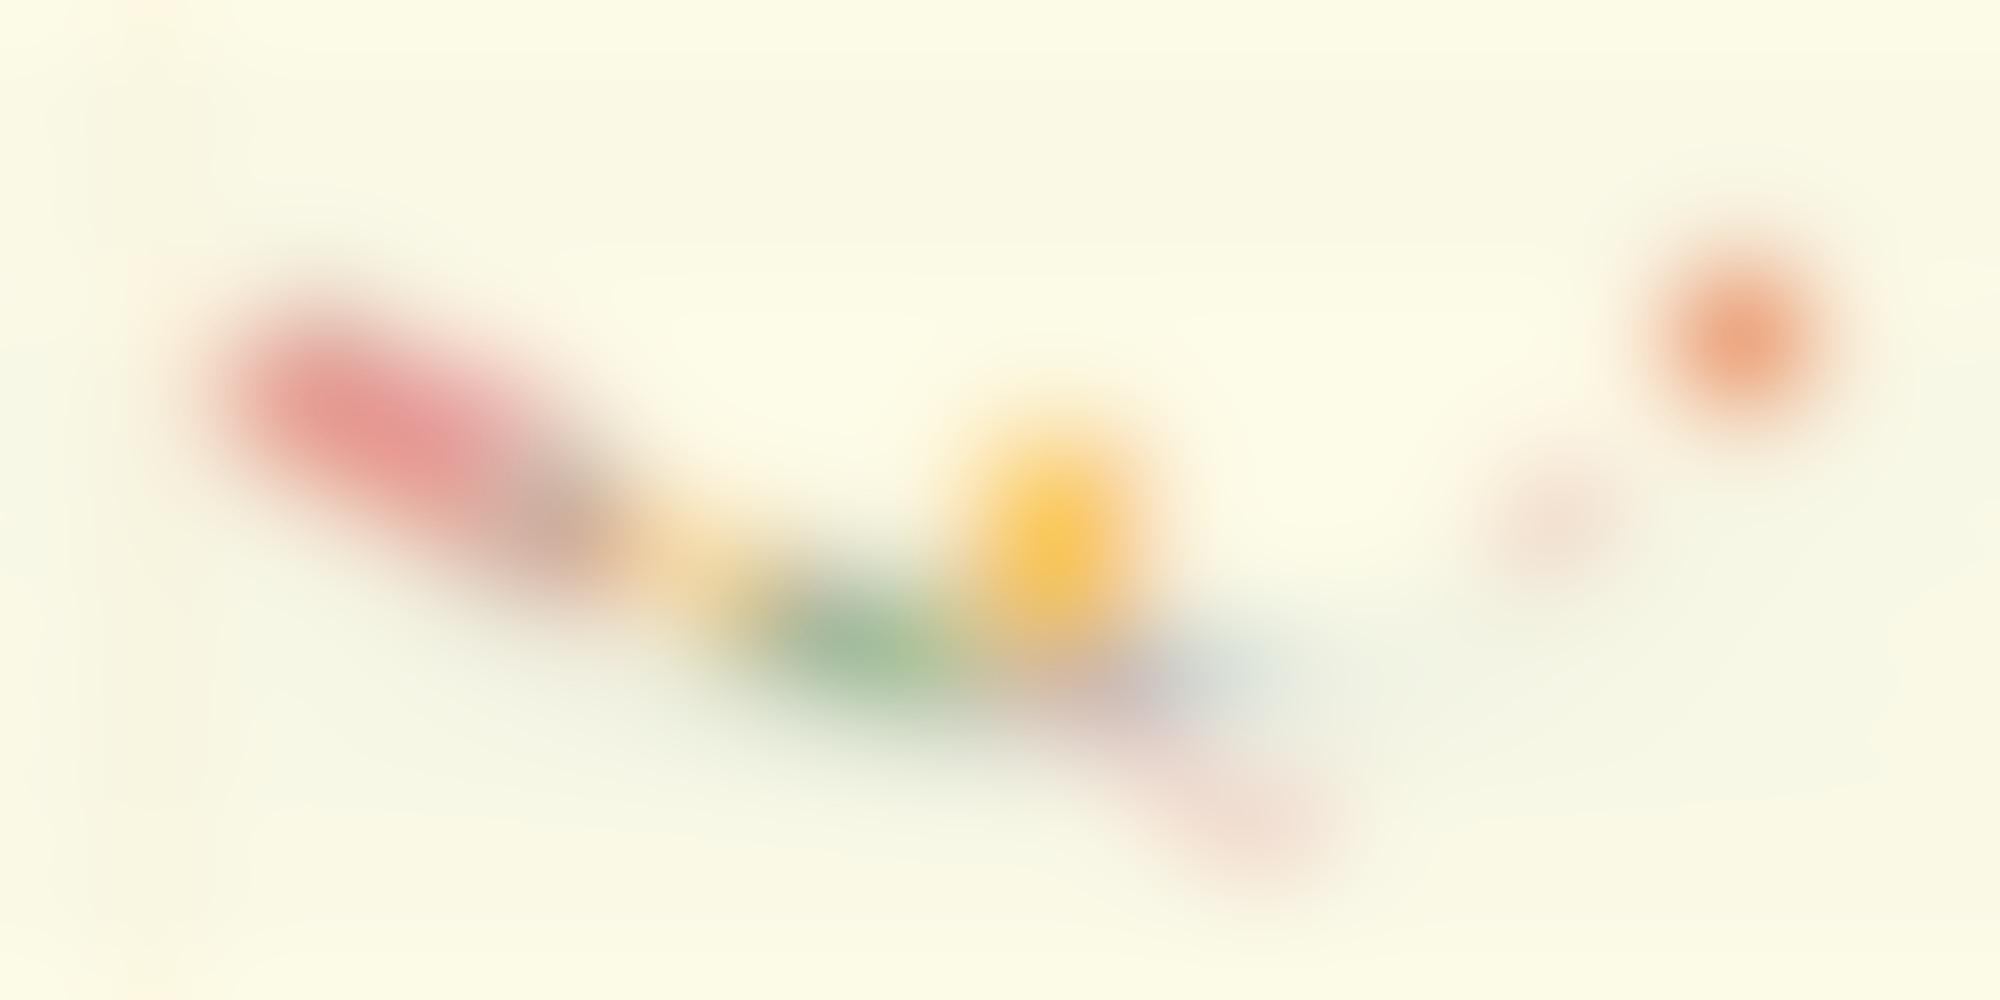 RELAX RBTL autocompressfitresizeixlibphp 1 1 0max h2000max w3 D2000q80sacd4e1d8458f61fa3cbf8dcbf581ef24